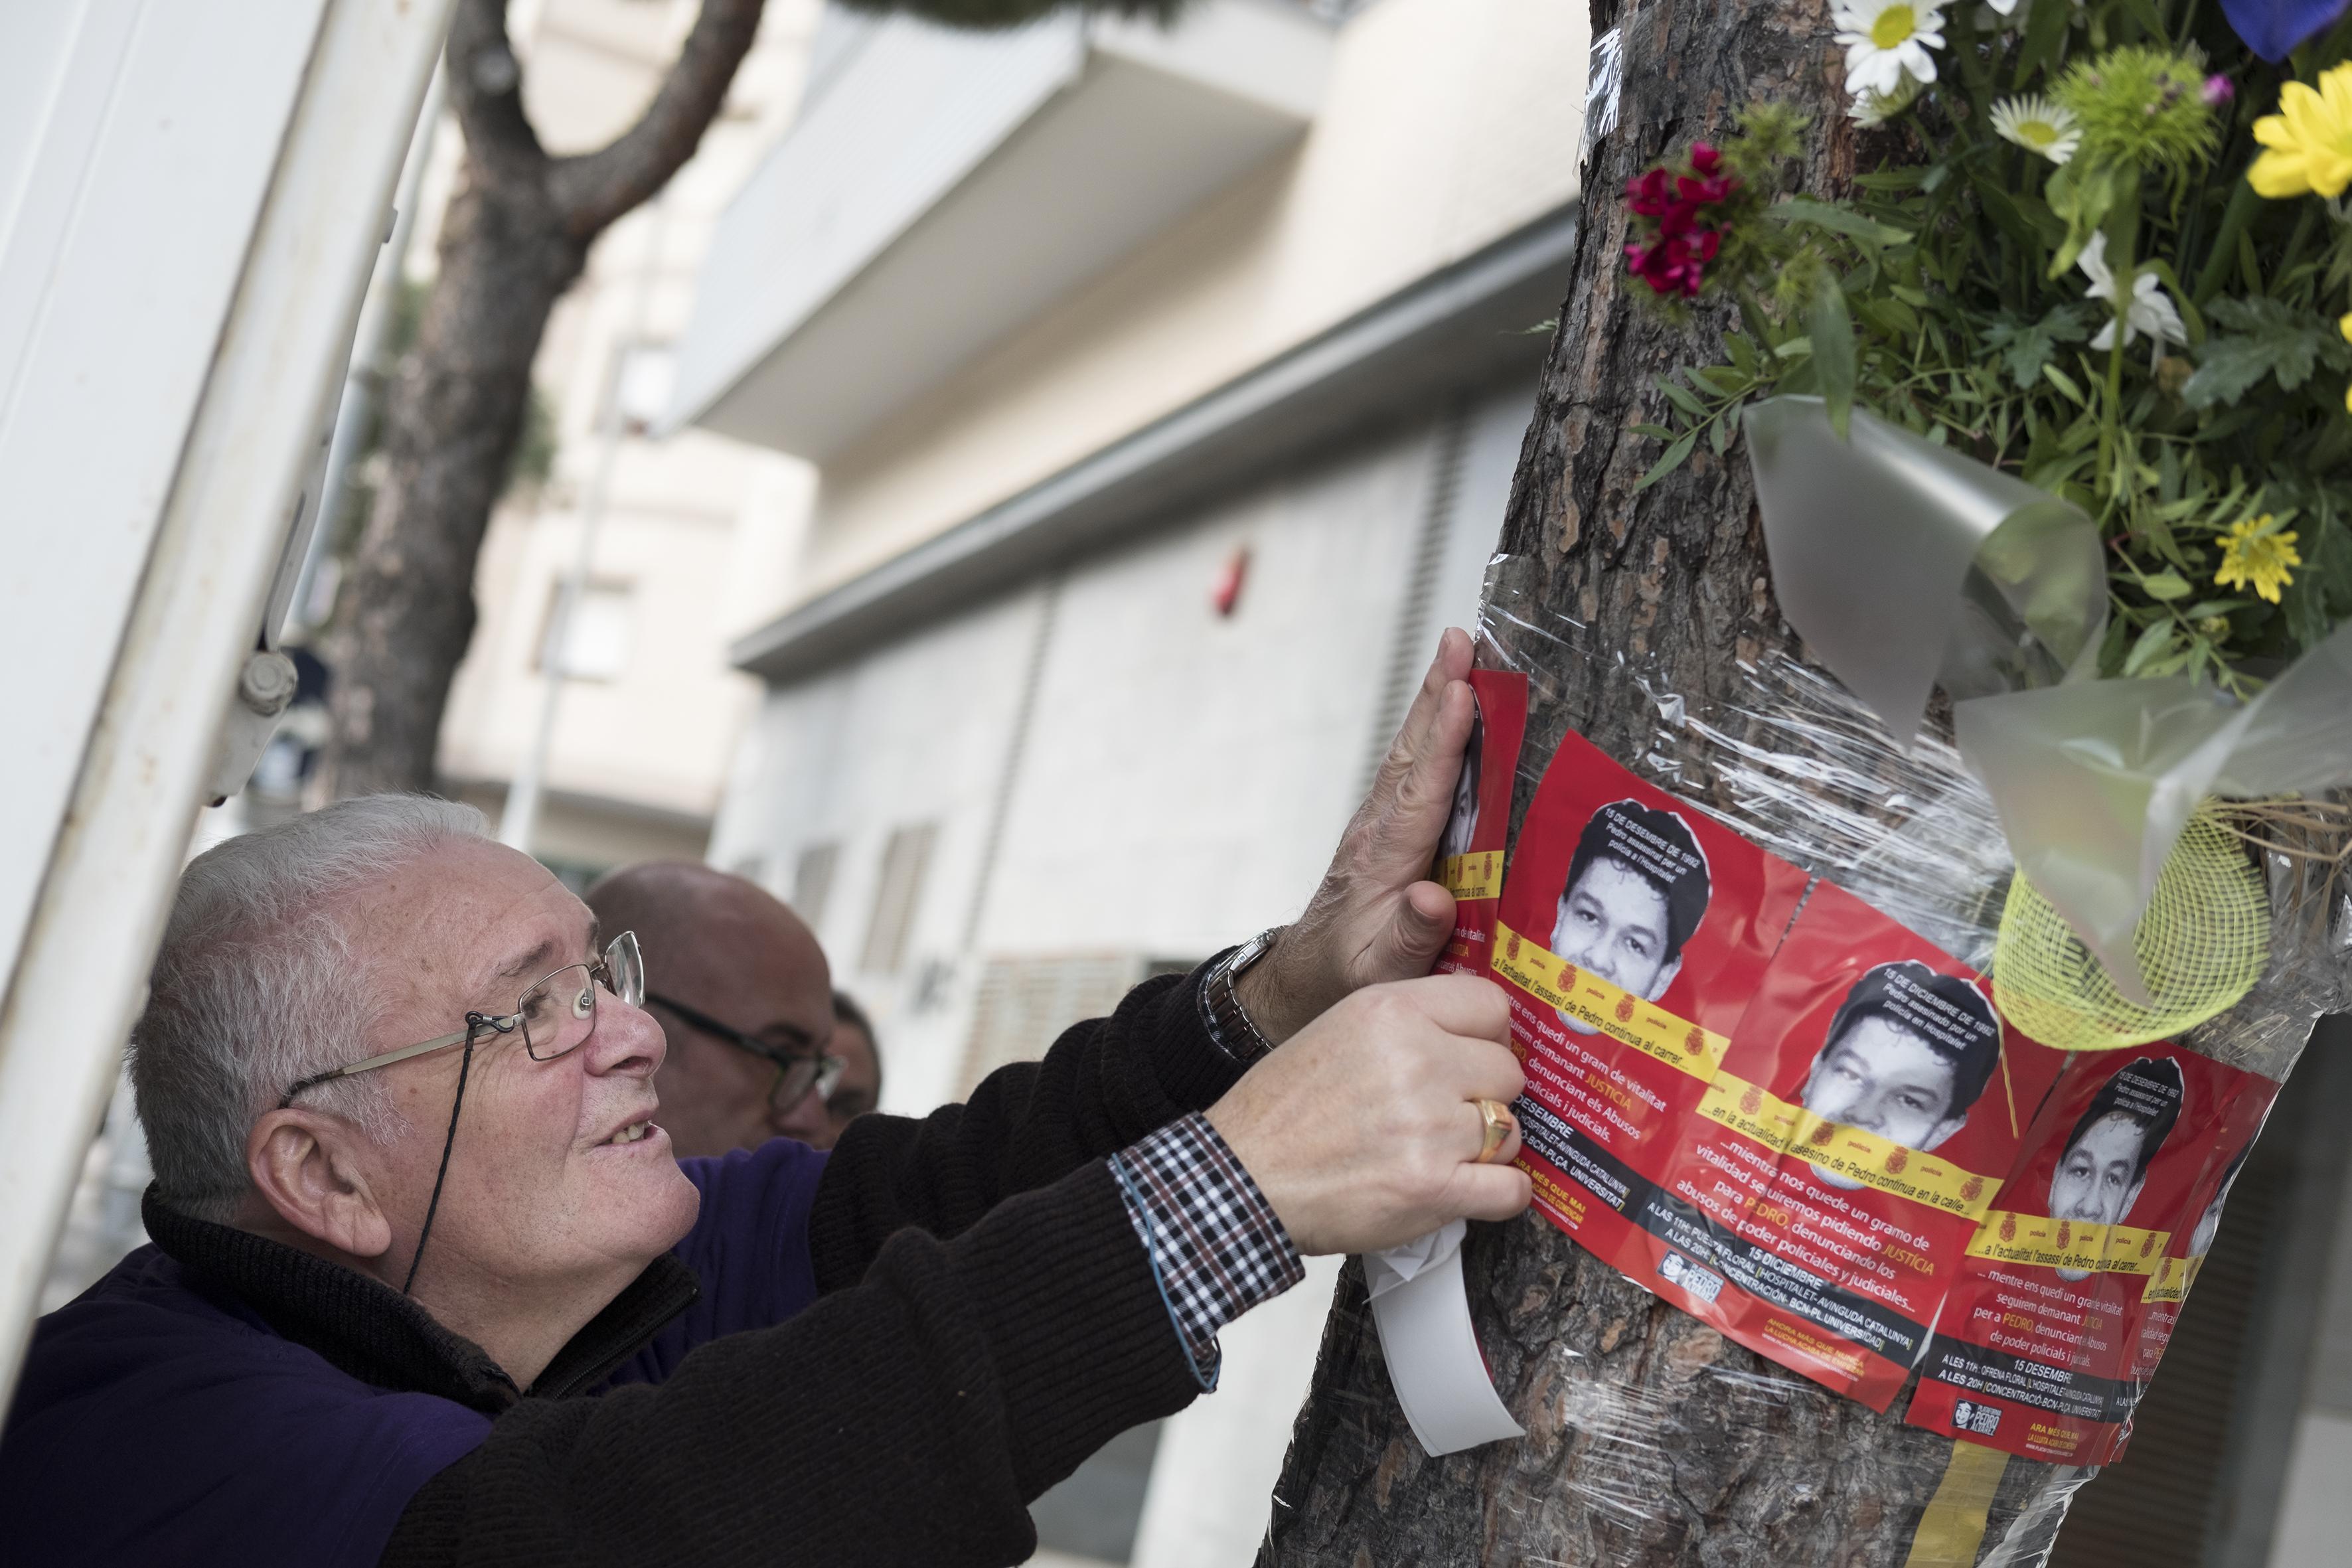 Juanjo Alvarez, en homenaje a su hijo Pedro Alvarez, joven asesinado por un policia nacional un 15 de diciembre de 1992, pega adhesivos alrededor de la ofrenda floral. Hospitalet del Llobregat, 2016 ©Patricia Bobillo Rodriguez